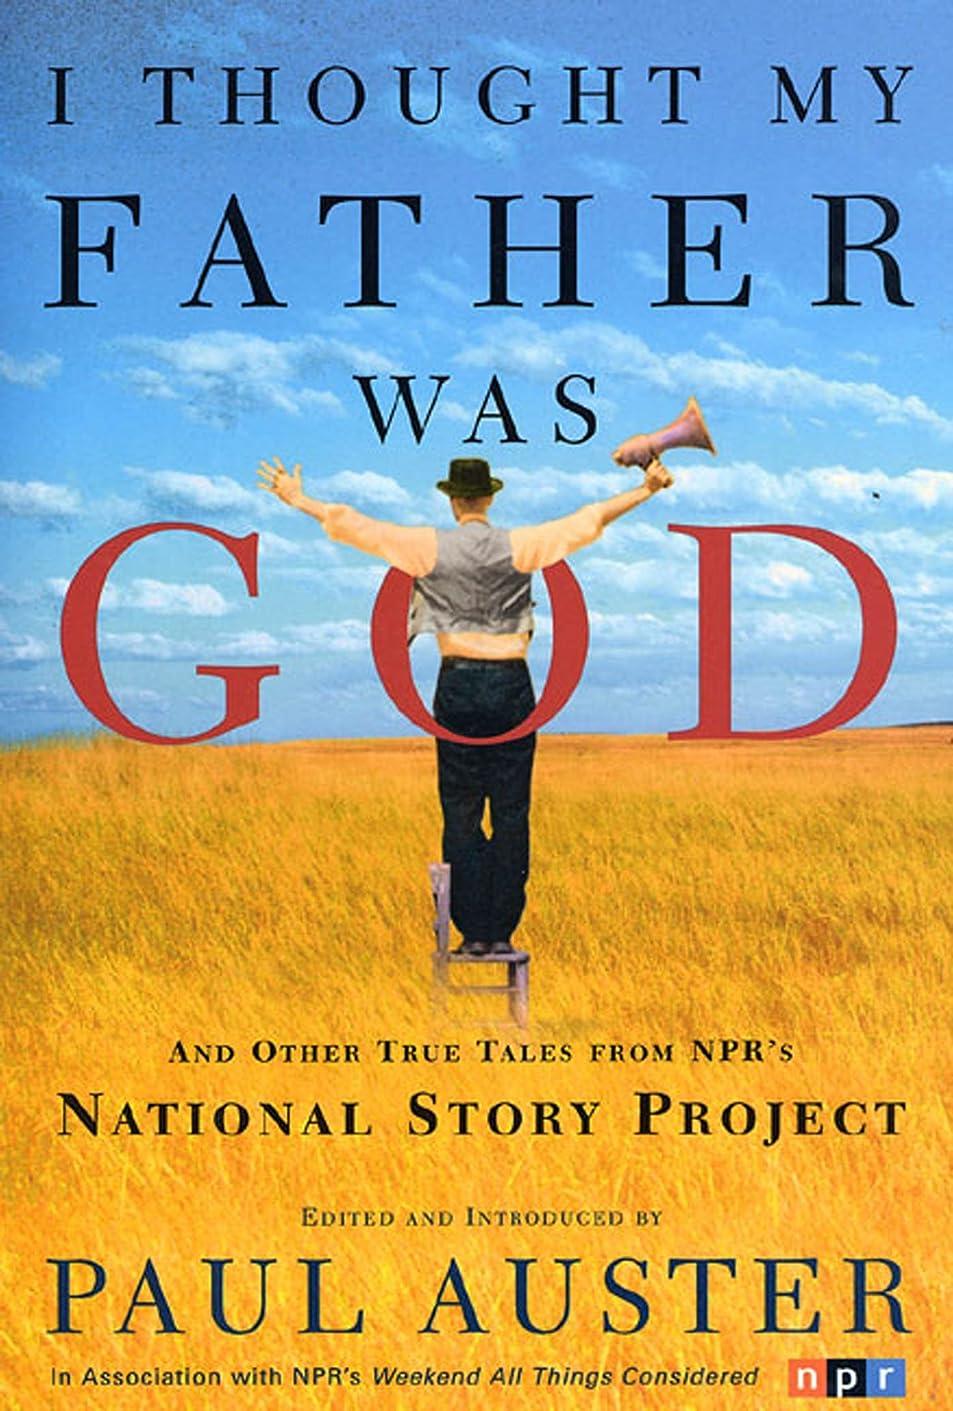 より良い大学院注釈I Thought My Father Was God: And Other True Tales from NPR's National Story Project (English Edition)